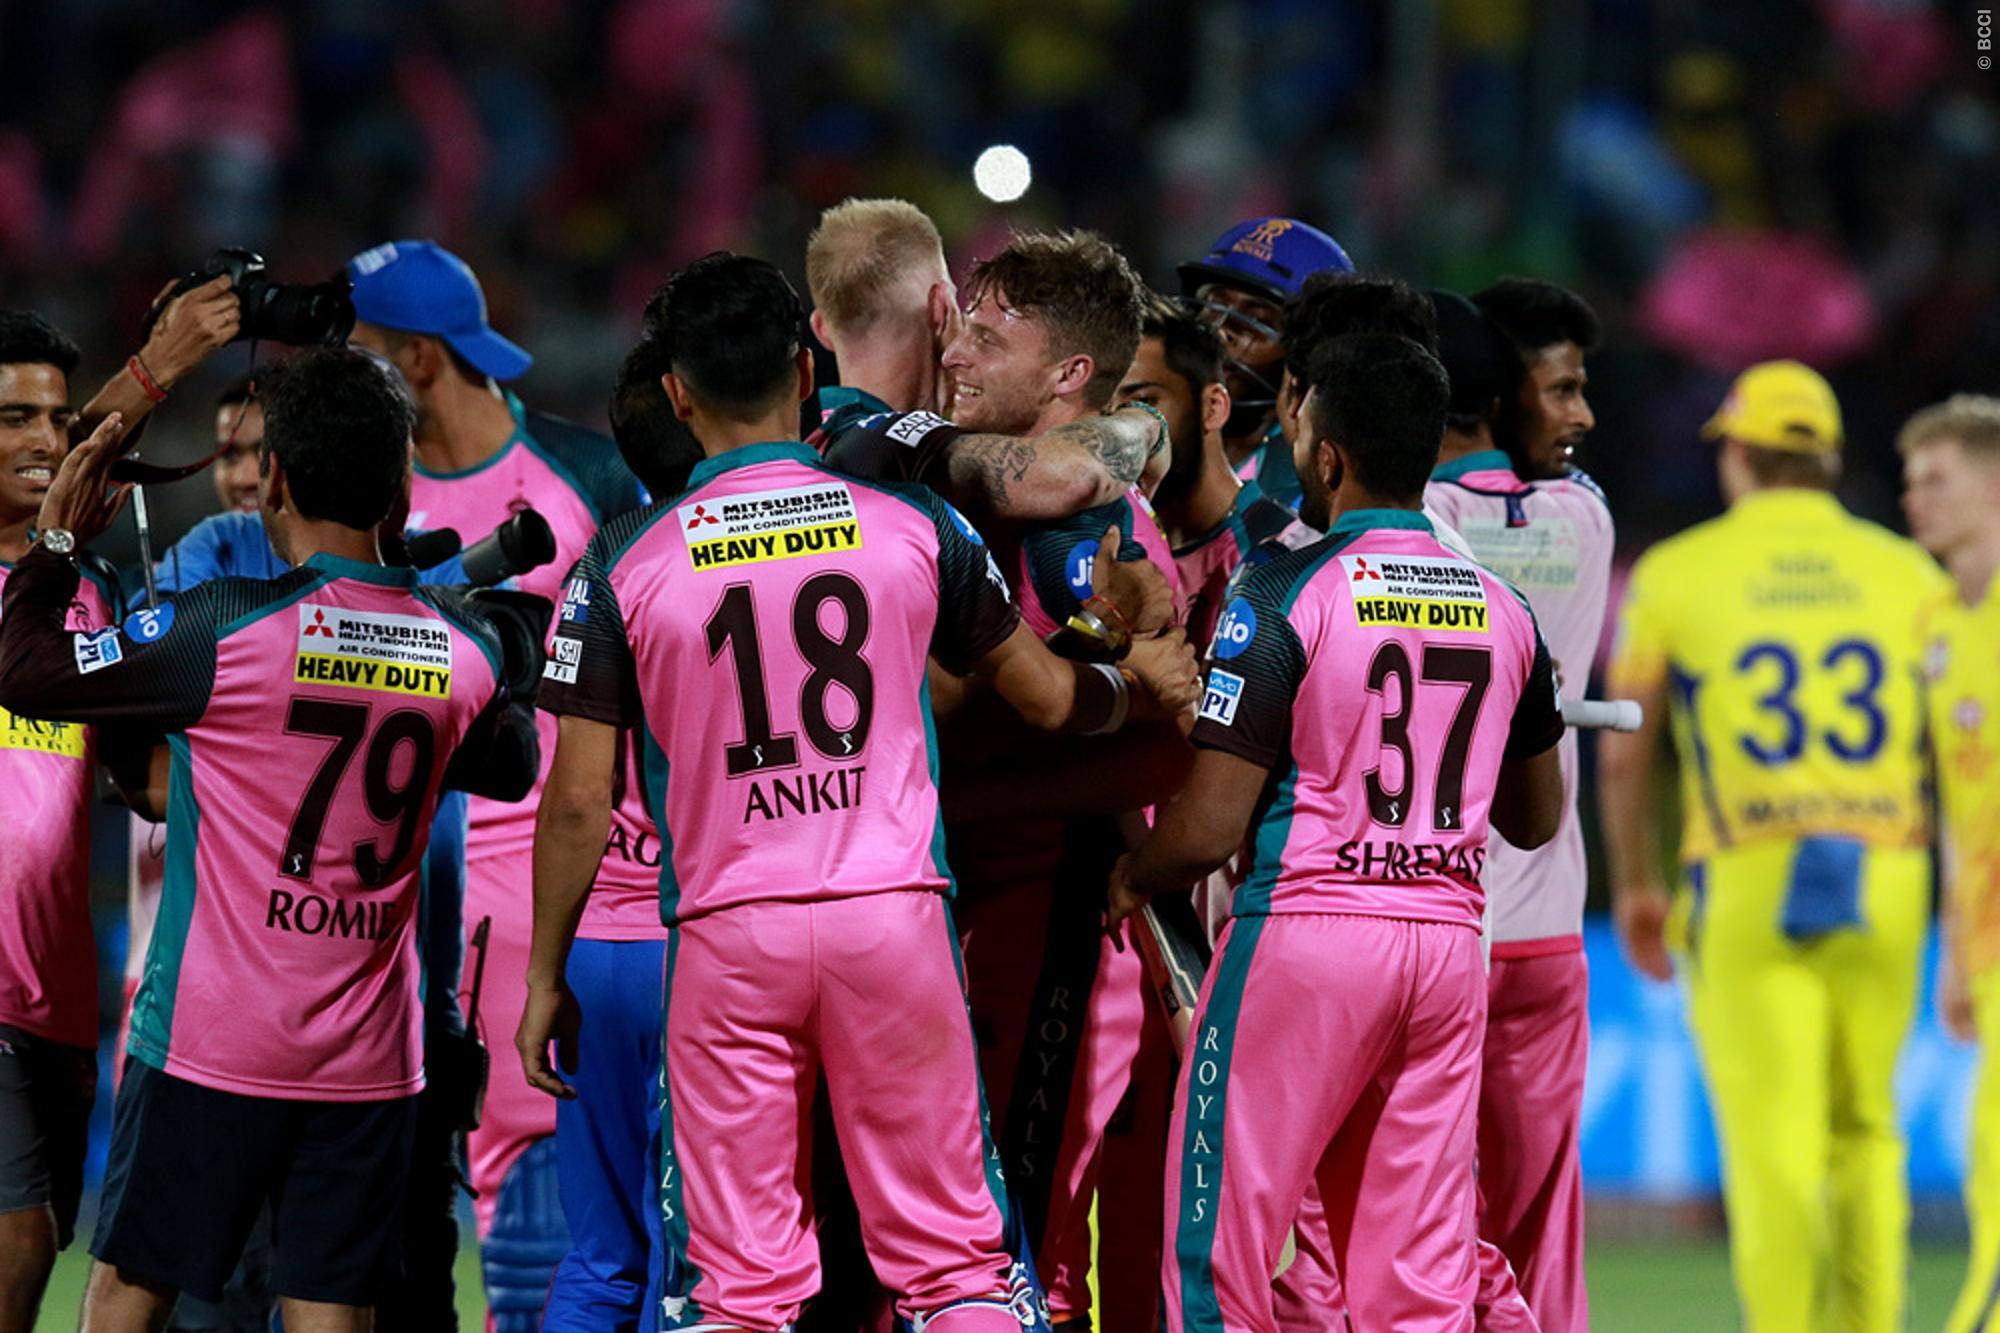 IPL 2018: चेन्नई के खराब गेंदबाजी के अलावा इन 5 कारणों से धोनी को करना पड़ा हार का सामना 17